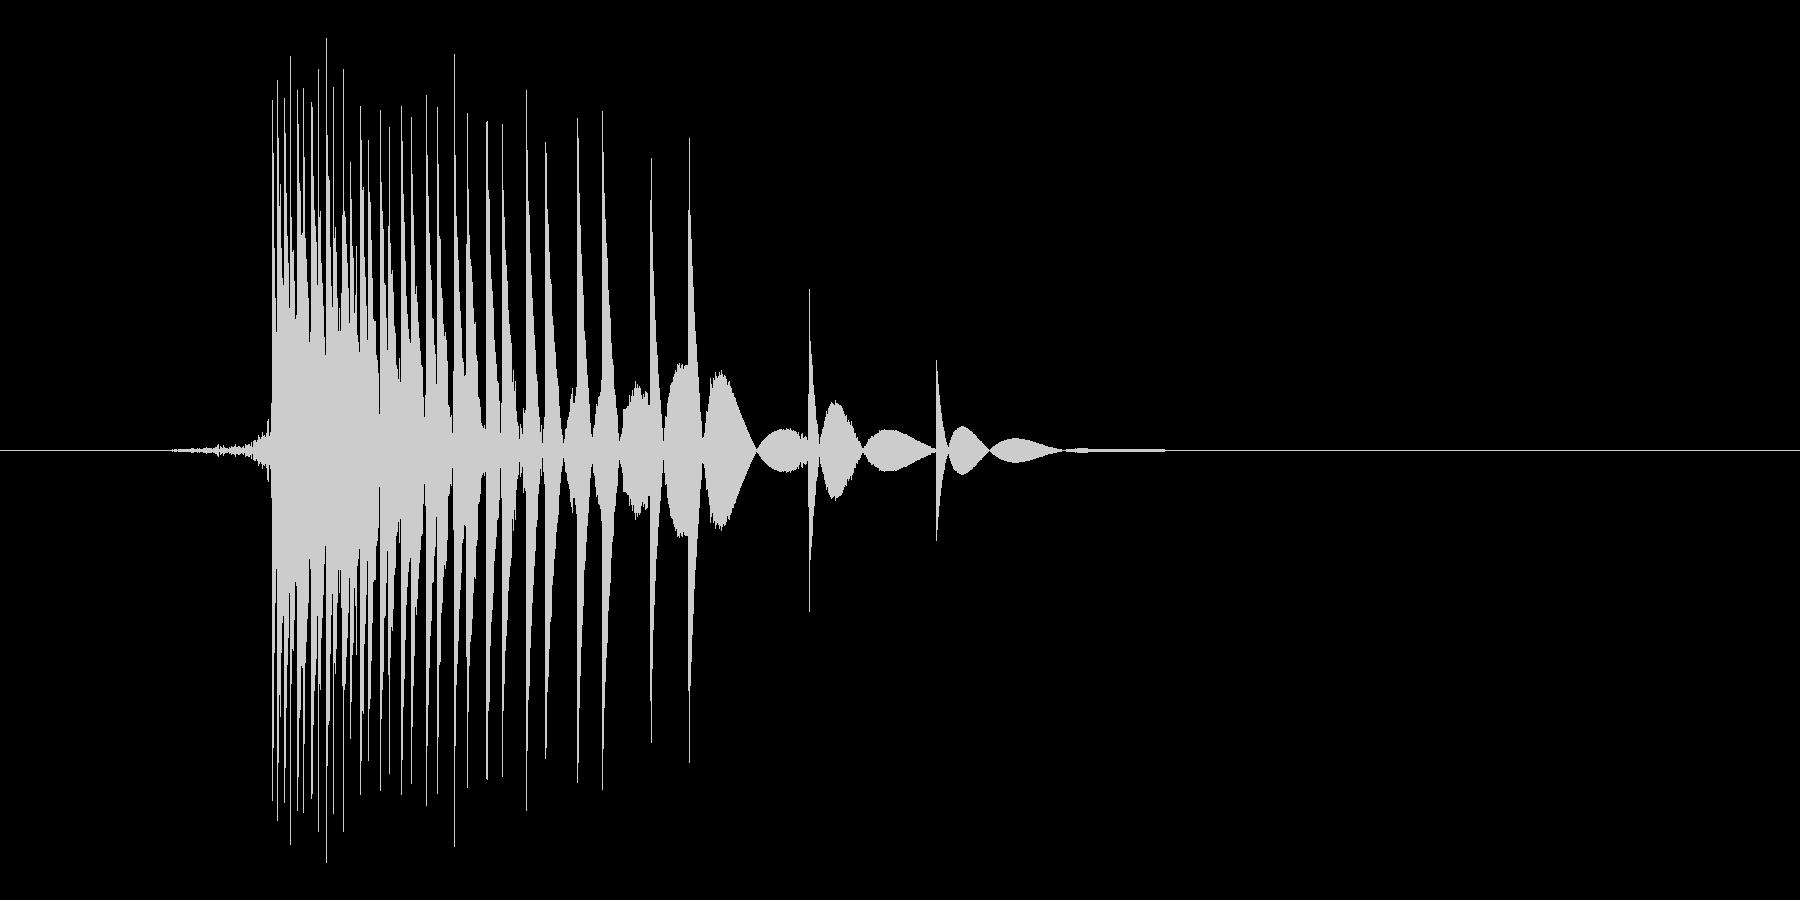 ゲーム(ファミコン風)ヒット音_012の未再生の波形